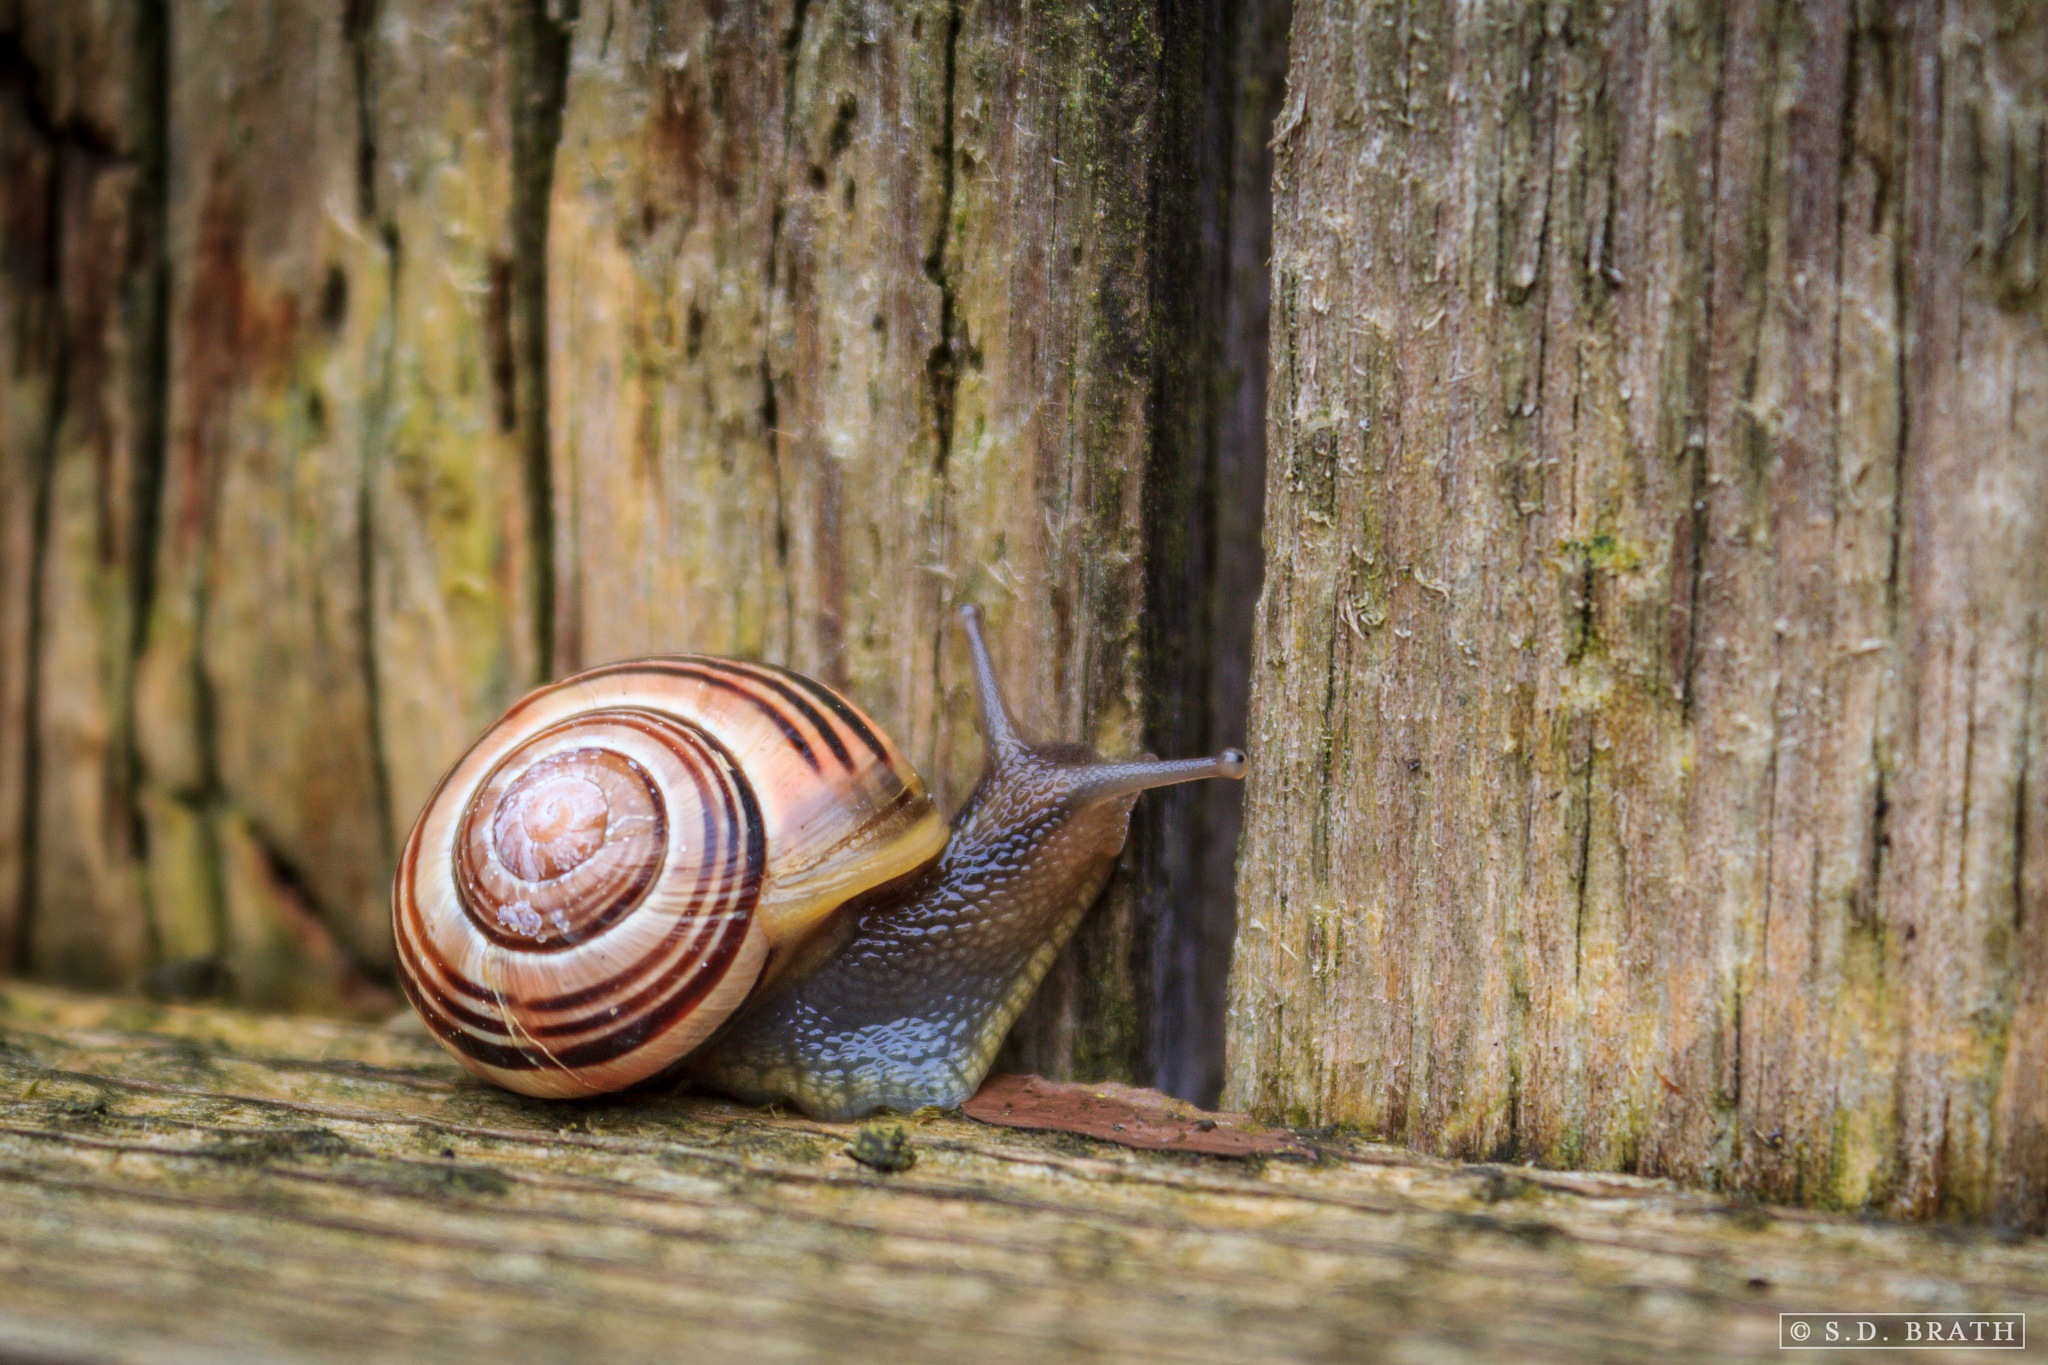 Snail's Pace by S. D. Brath